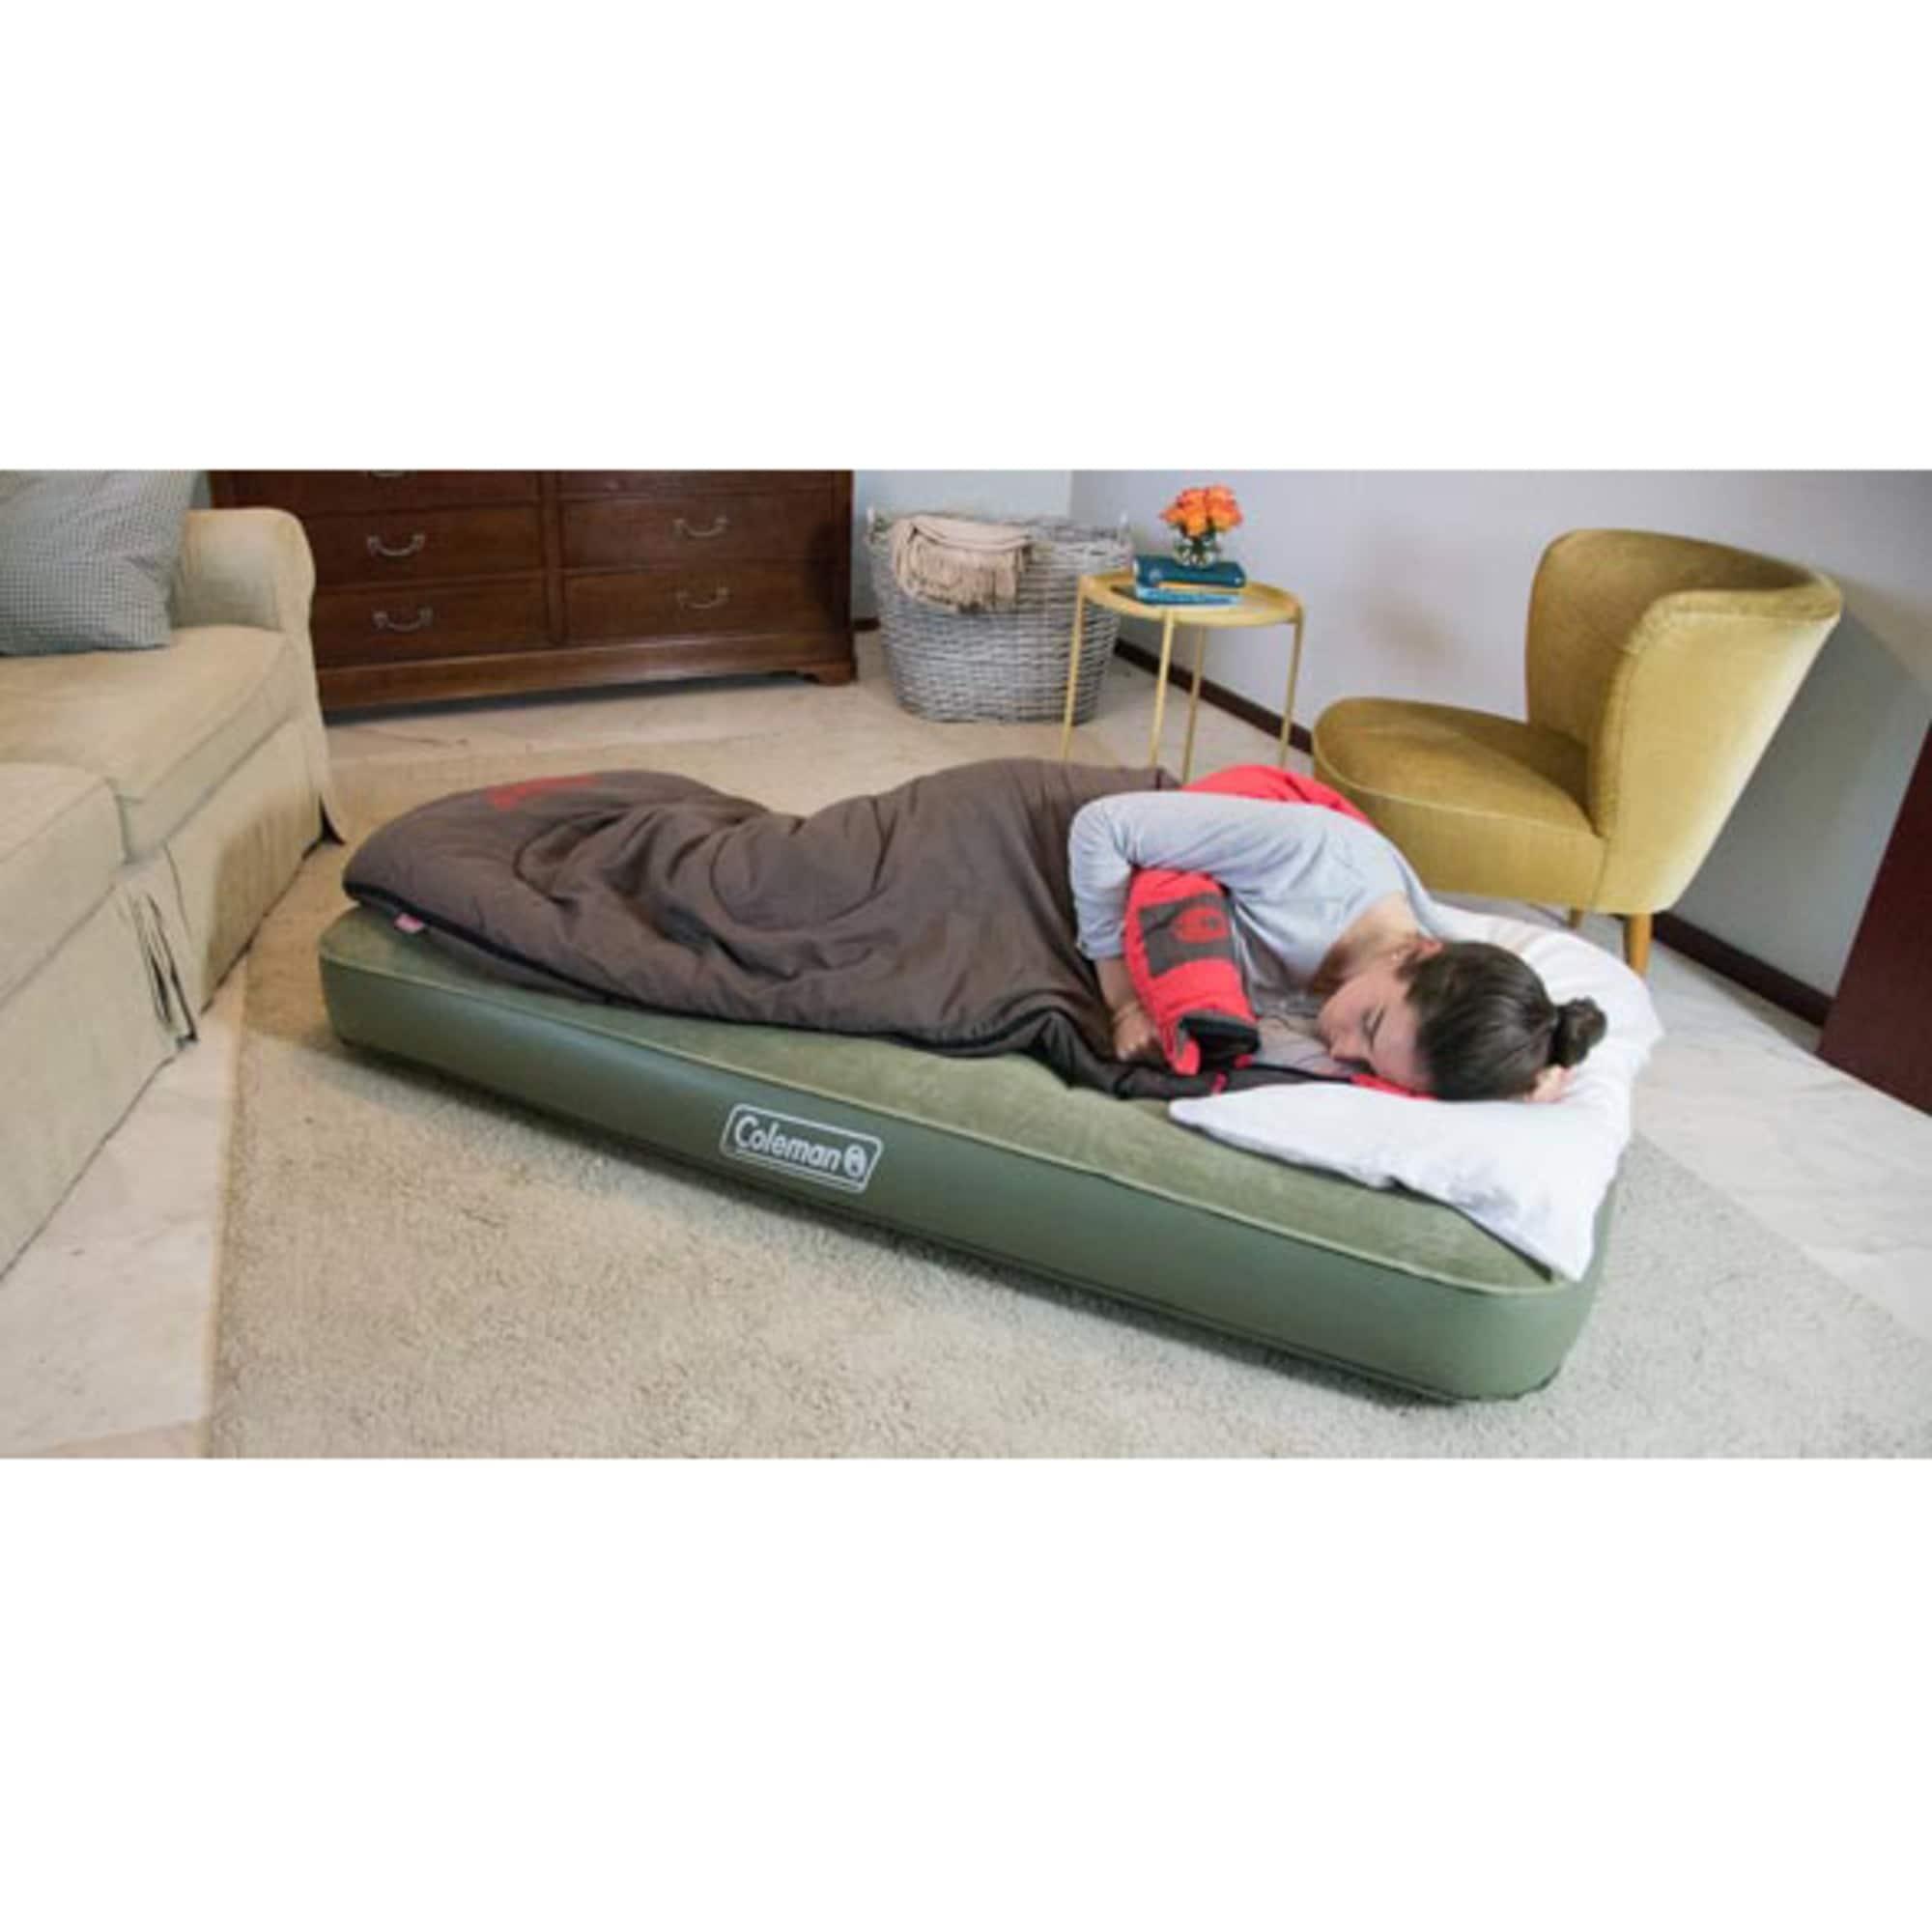 Coleman Luftbett Comfort Bed Compact Single